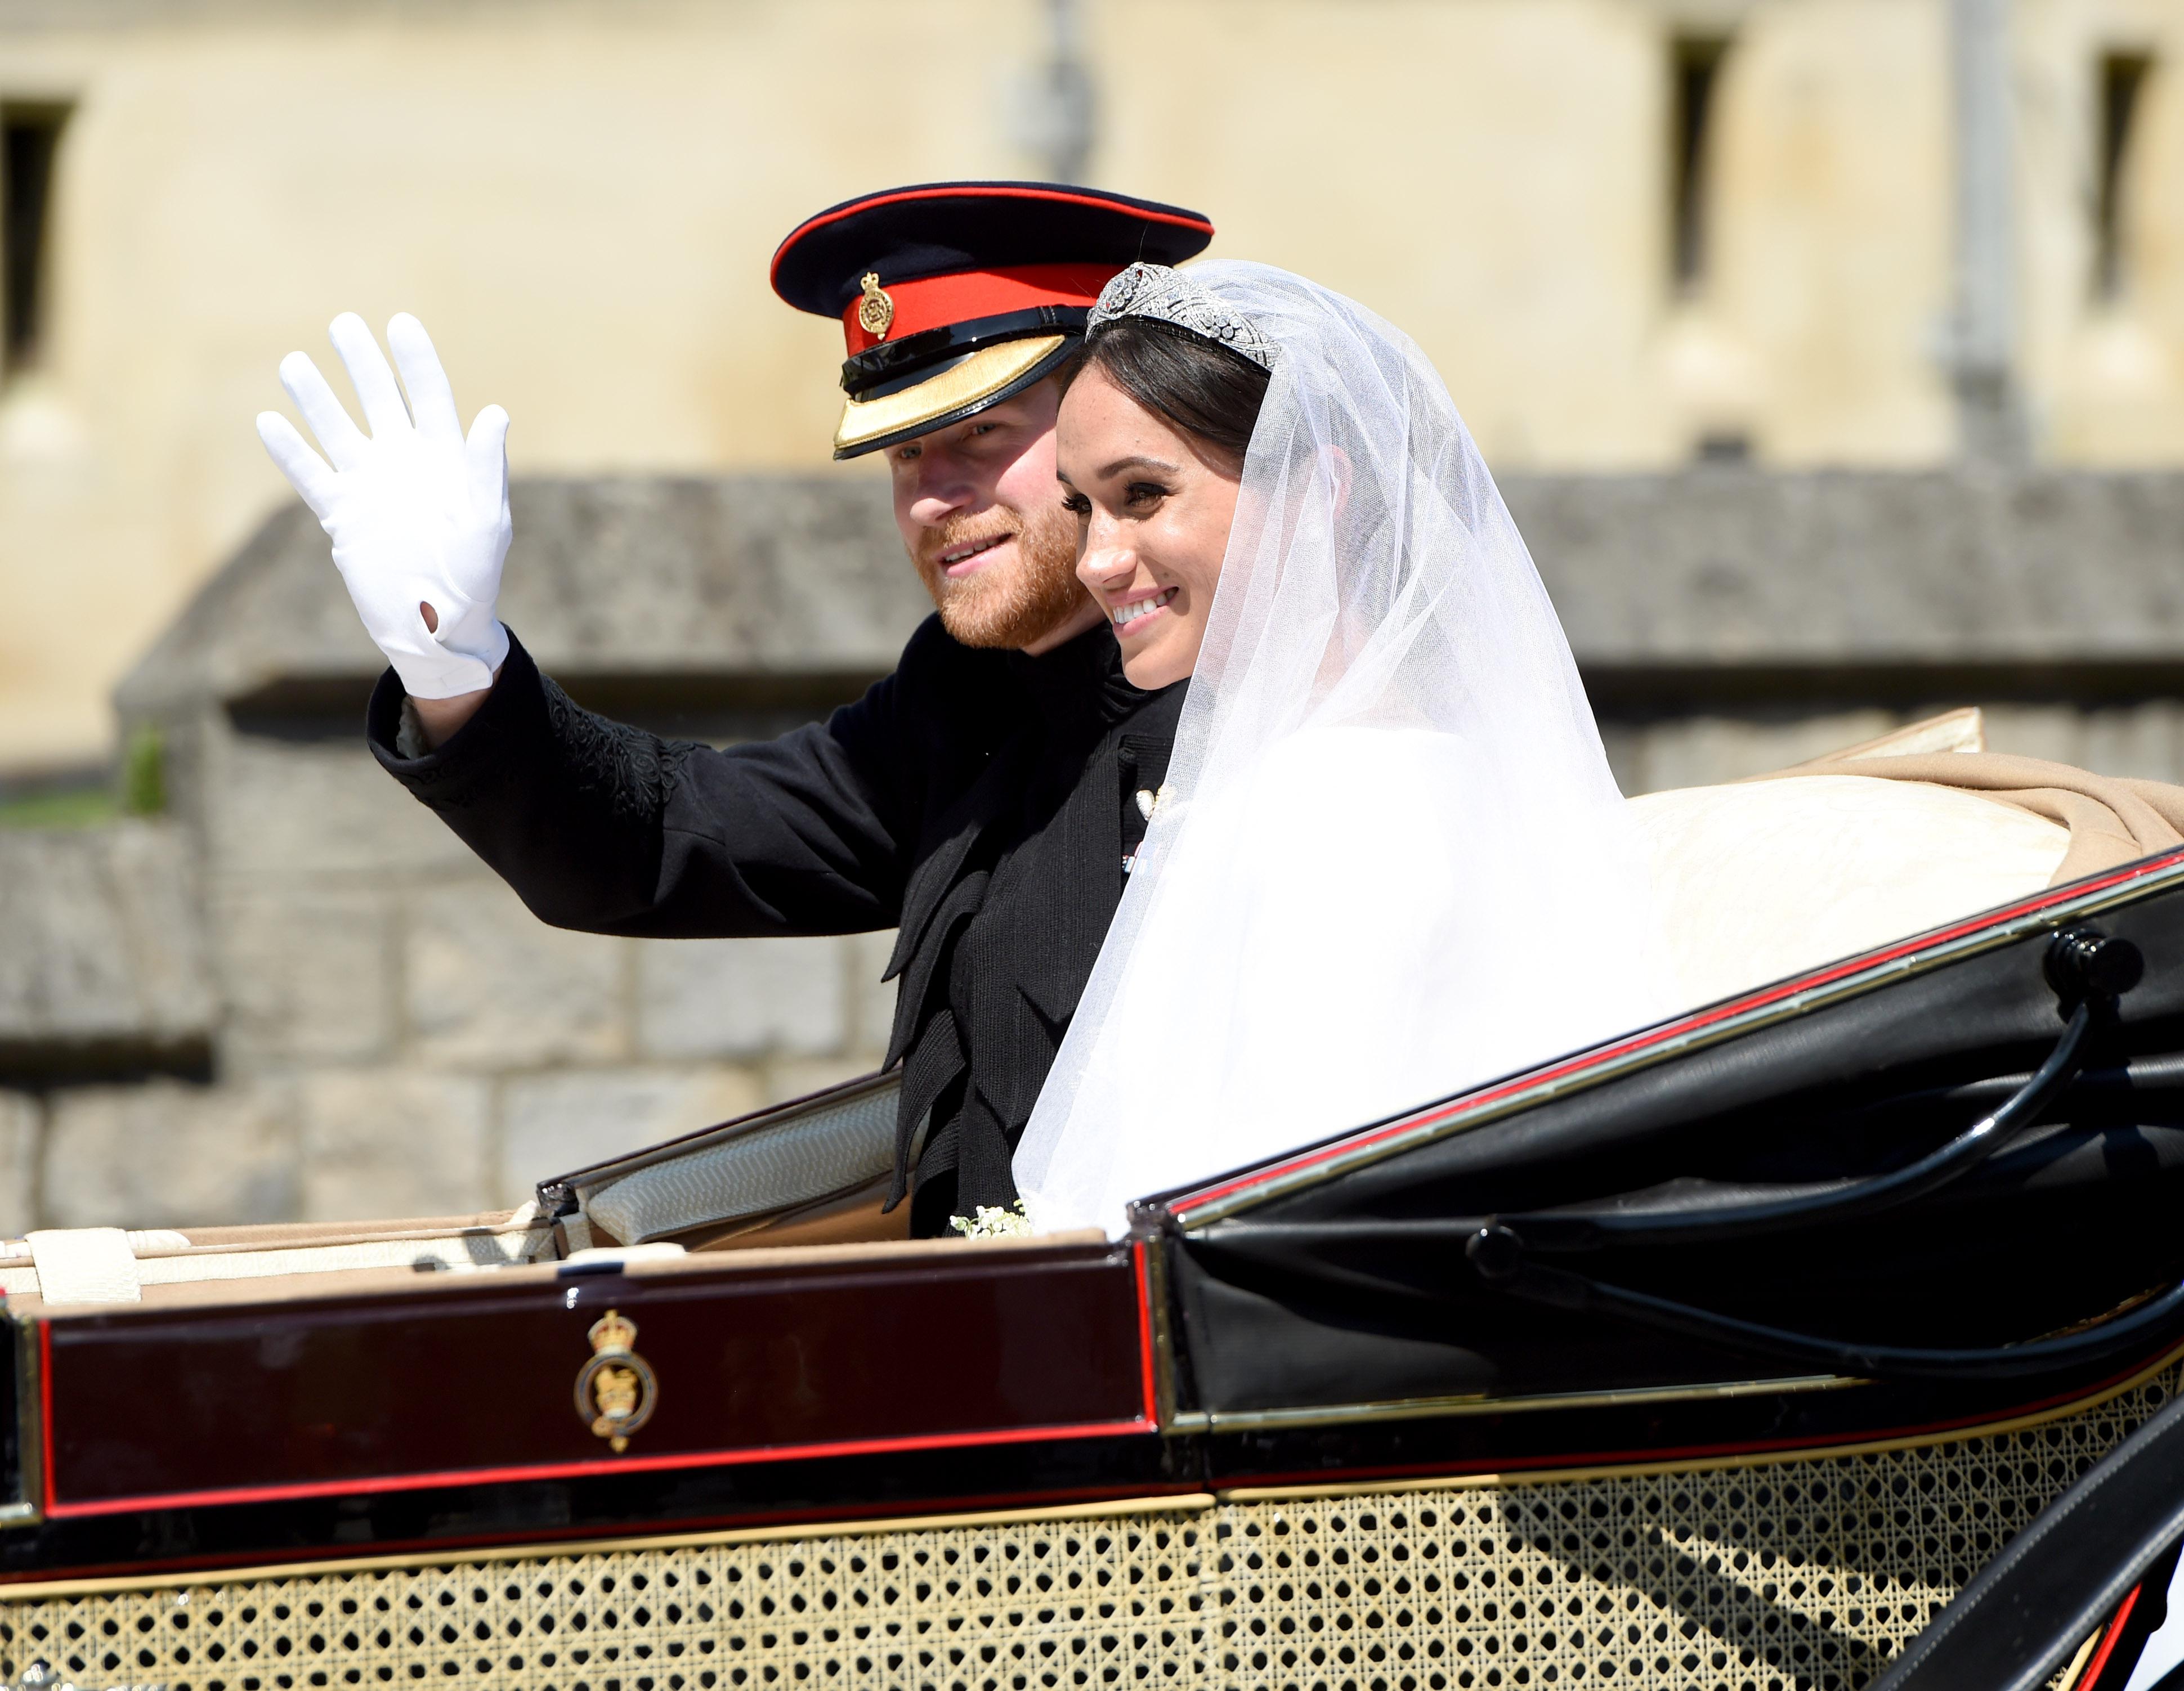 Ce Machiaj și Coafură A Purtat Meghan Markle La Nunta Regală